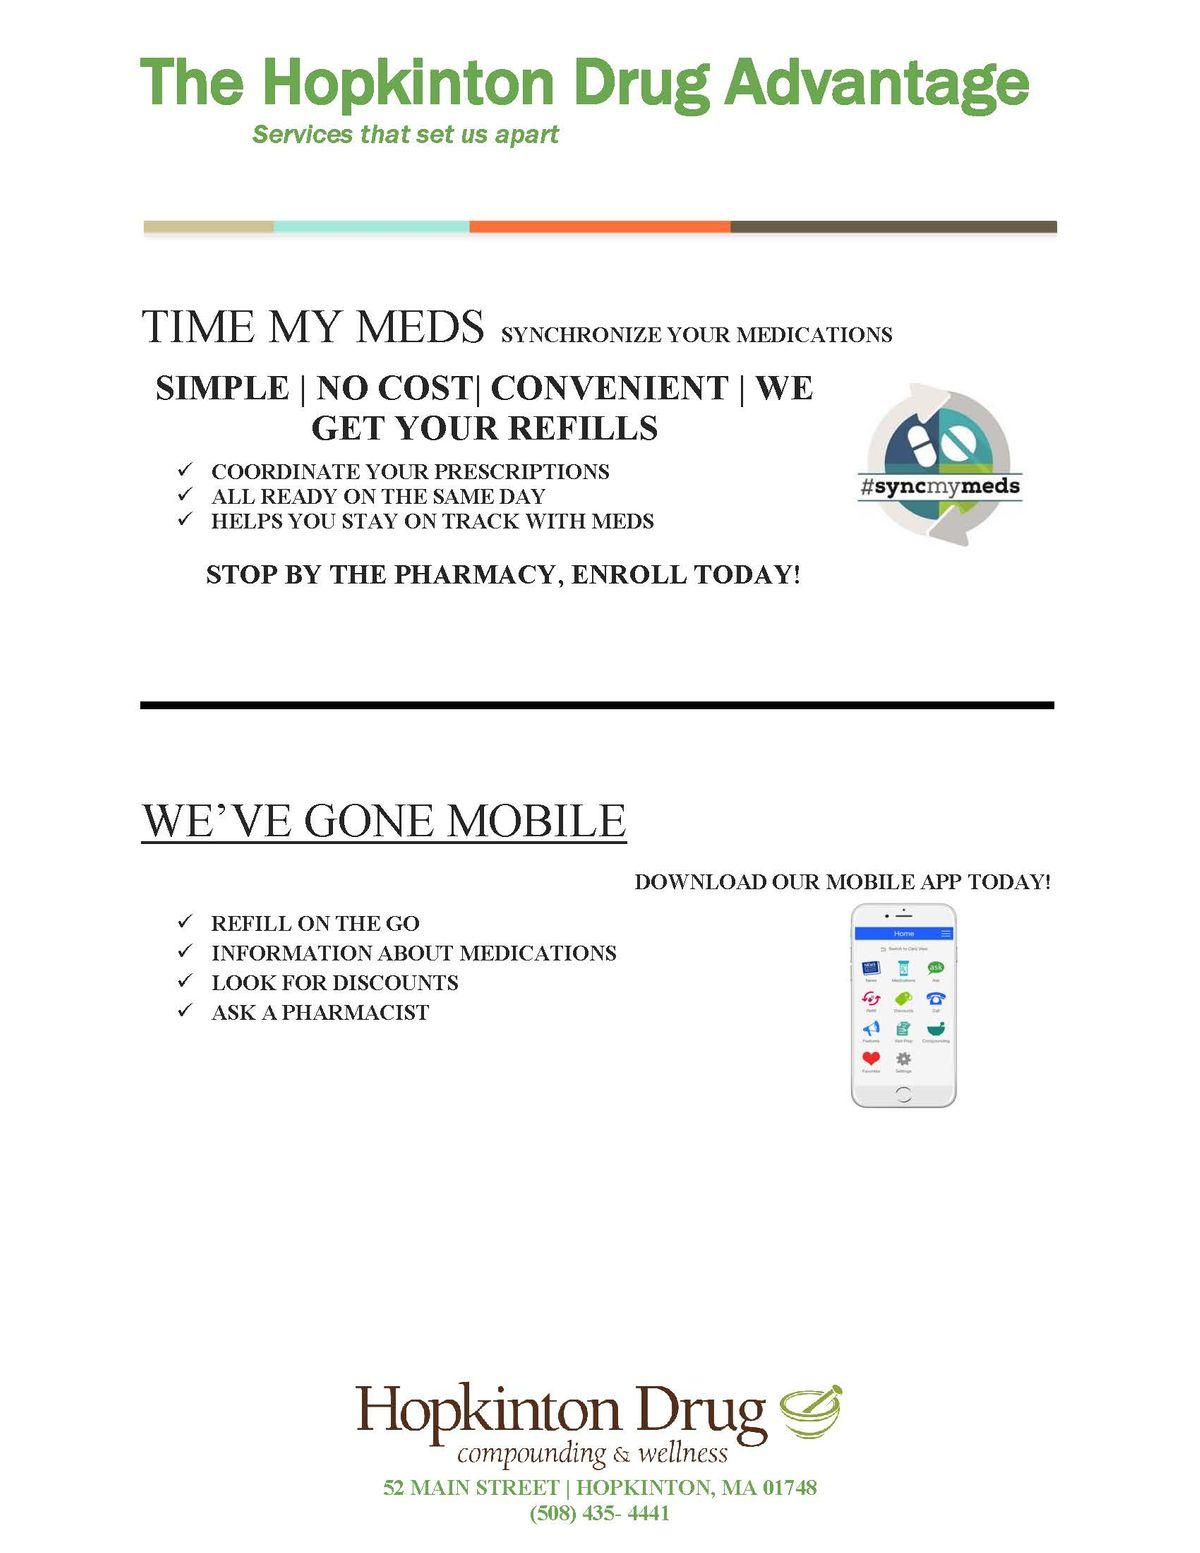 timemymedsdeliverygonemobile_edit_Page_1.jpg